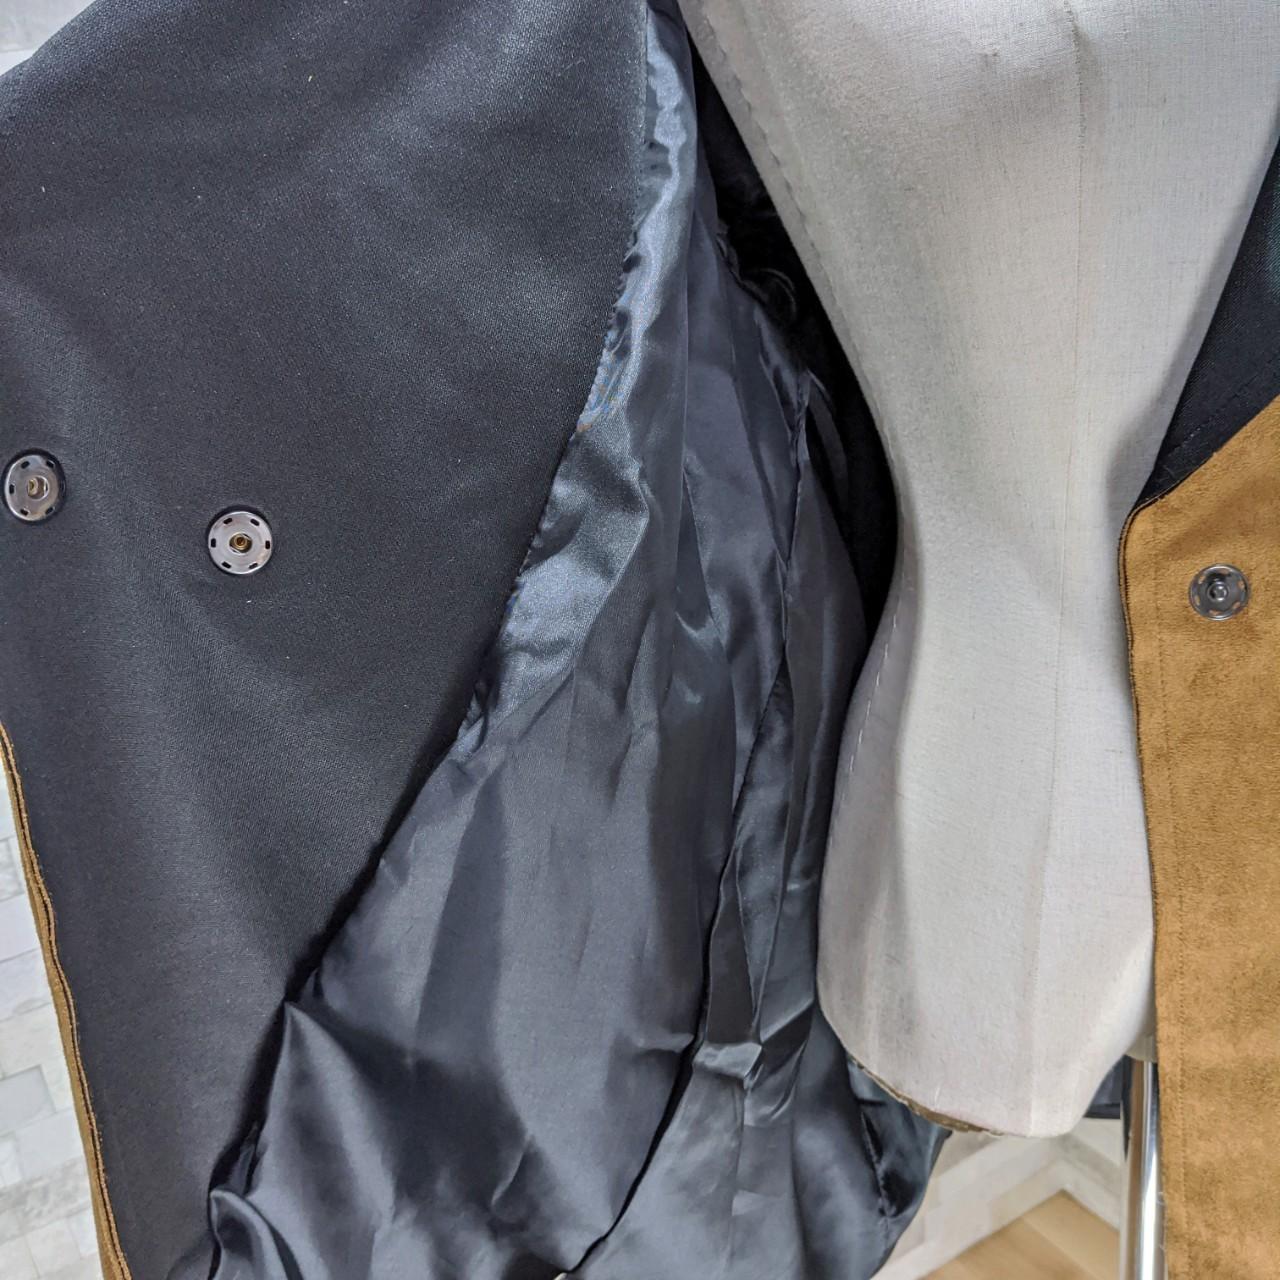 【即納】韓国 ファッション アウター レザージャケット コート 秋 冬 パーティー ブライダル SPTXG910  革ベルト風 エコスエード ジャケット ショート 二次会 セレブ きれいめの写真18枚目